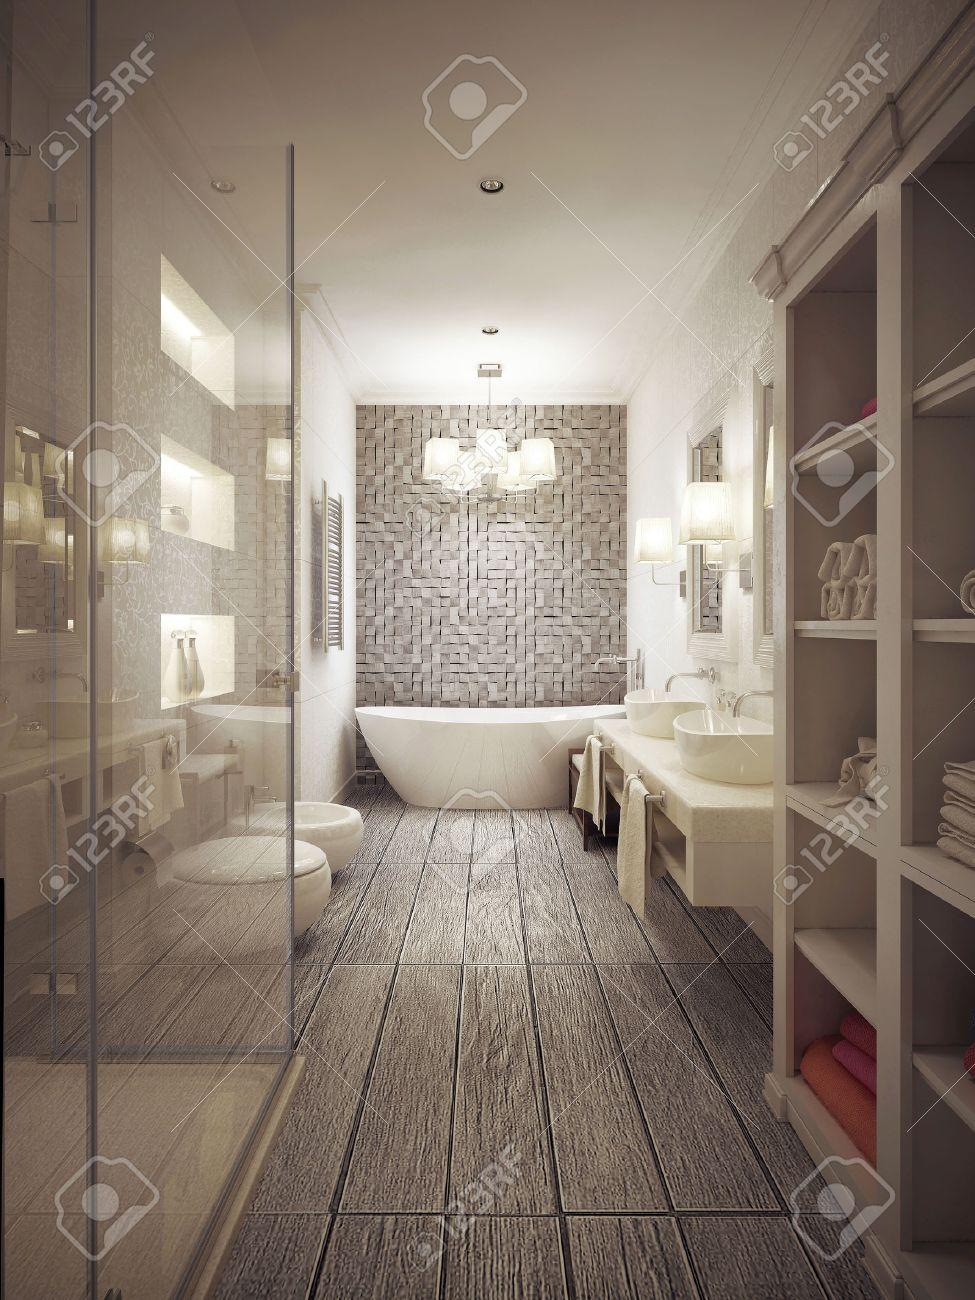 Fürdőszoba Provance-i Stílusban Mintás Csempe Bézs Tónusok. 3d ...